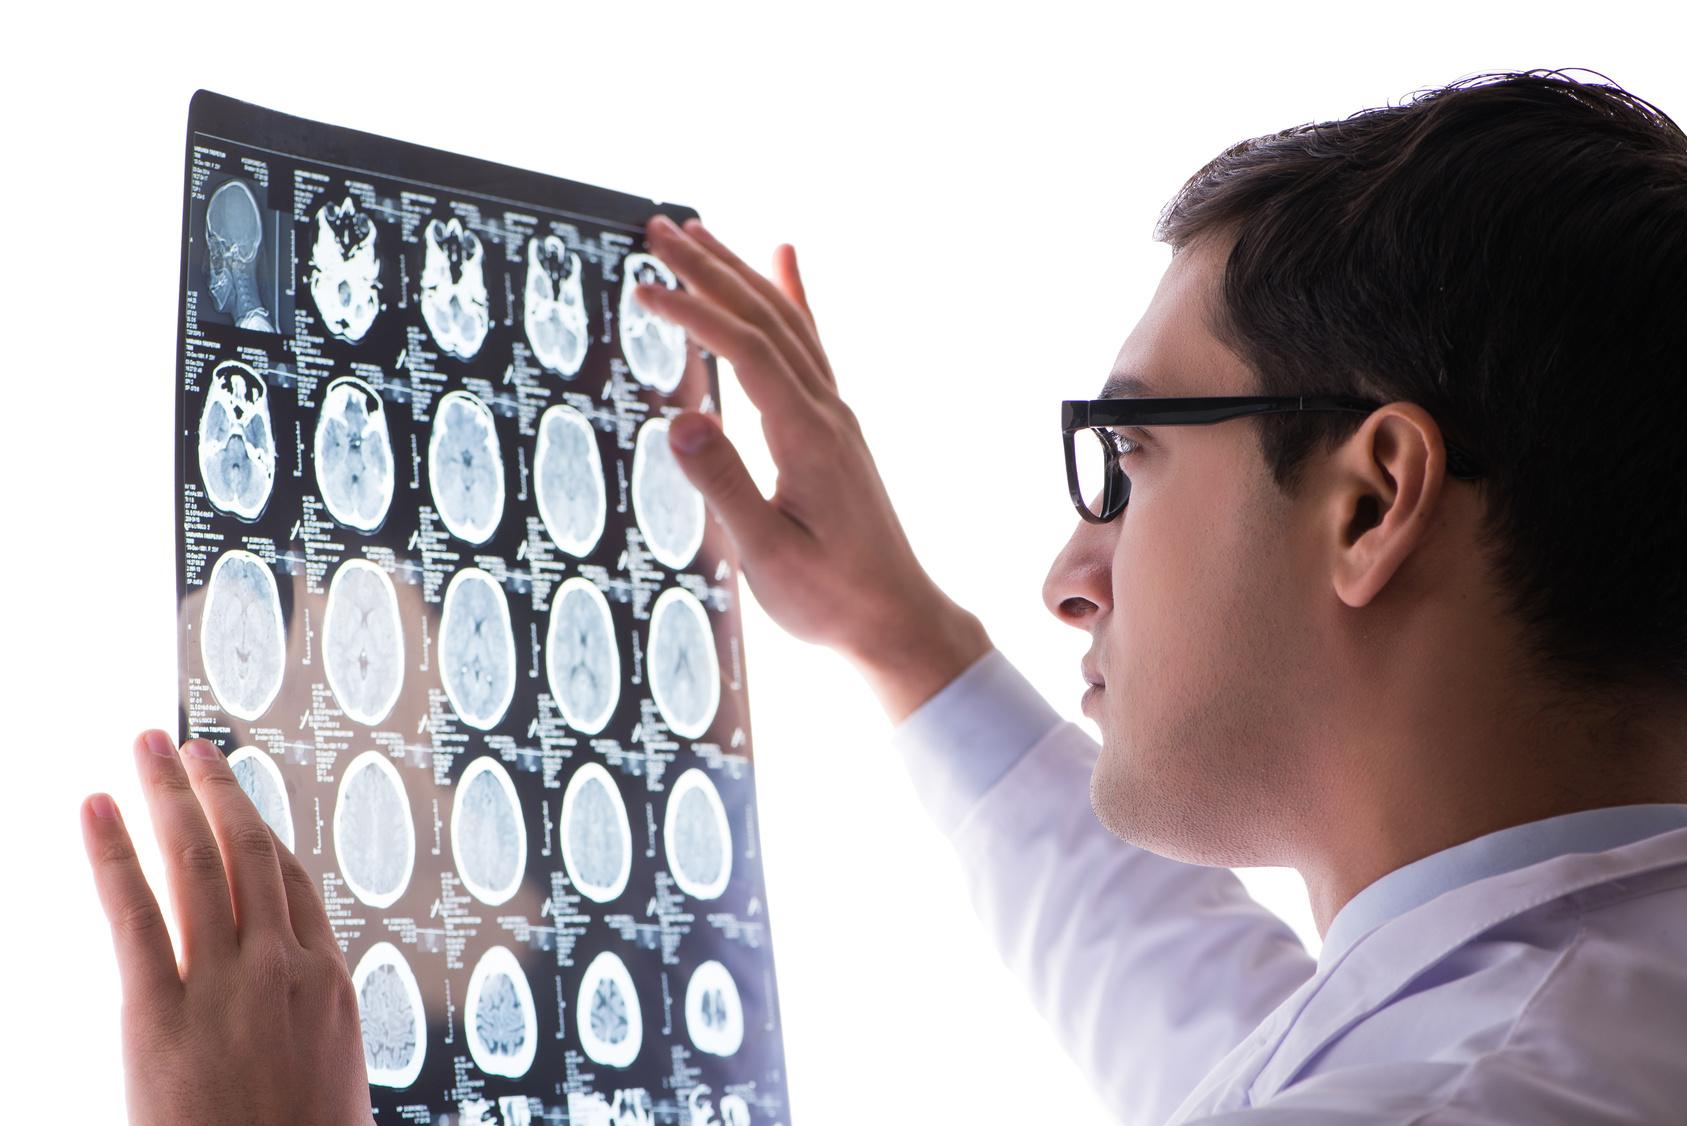 脳腫瘍手術は手術件数の多い名医の方が死亡率が低い